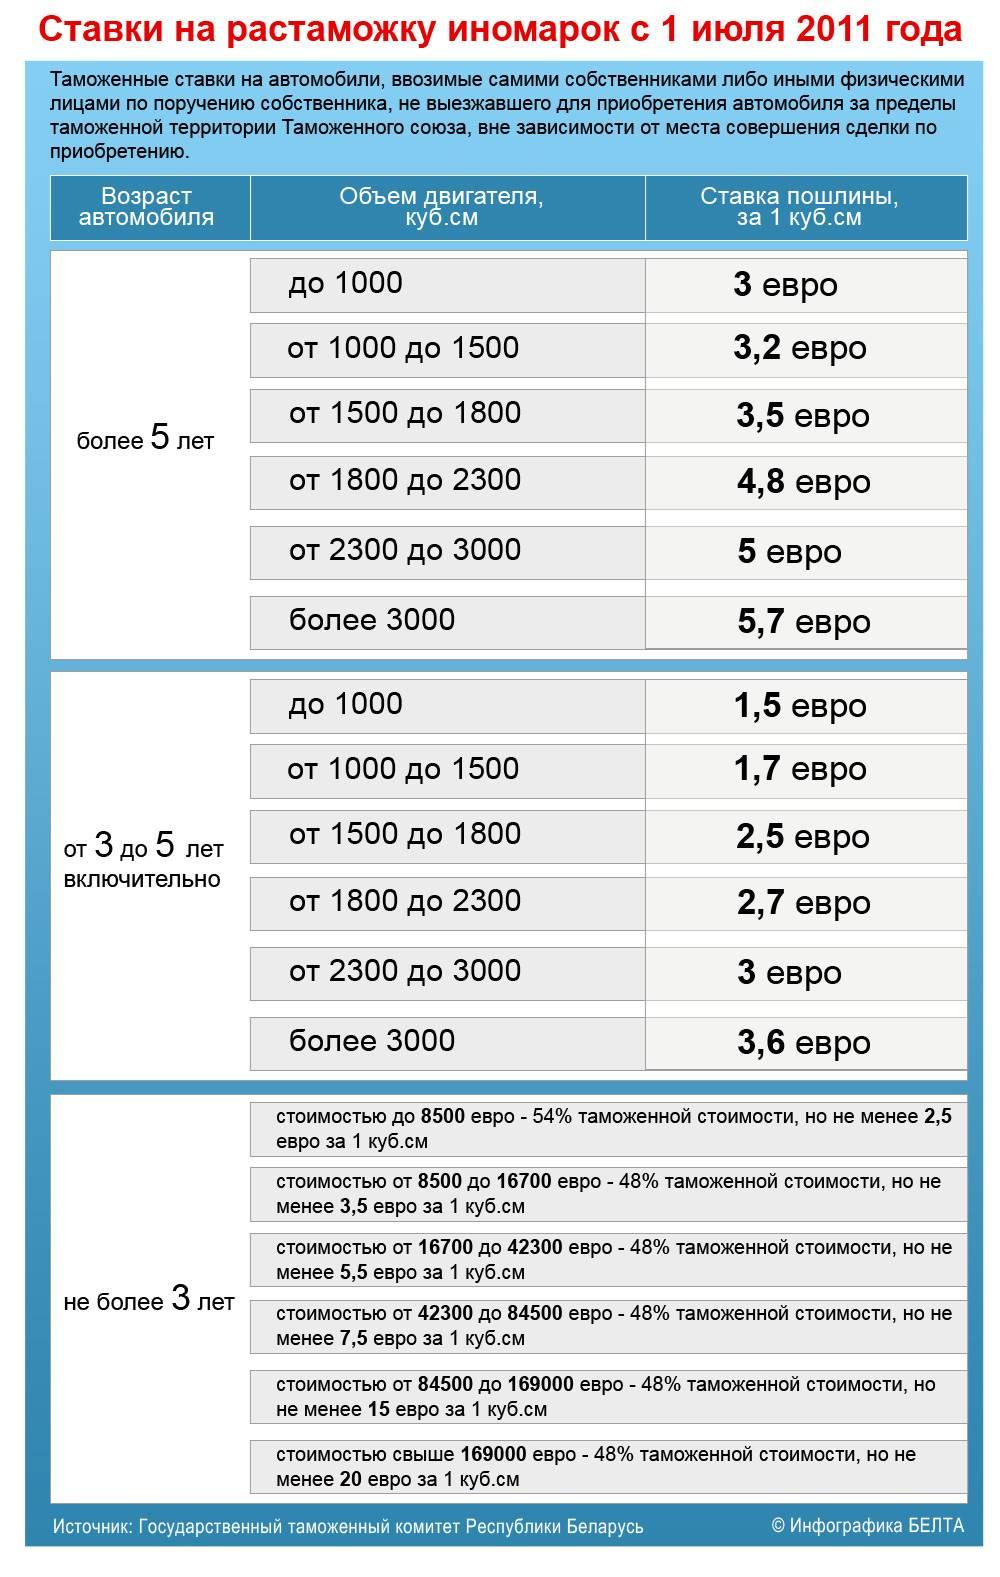 Сколько стоит растаможка авто из германии в 2021 году и как растаможить машину?